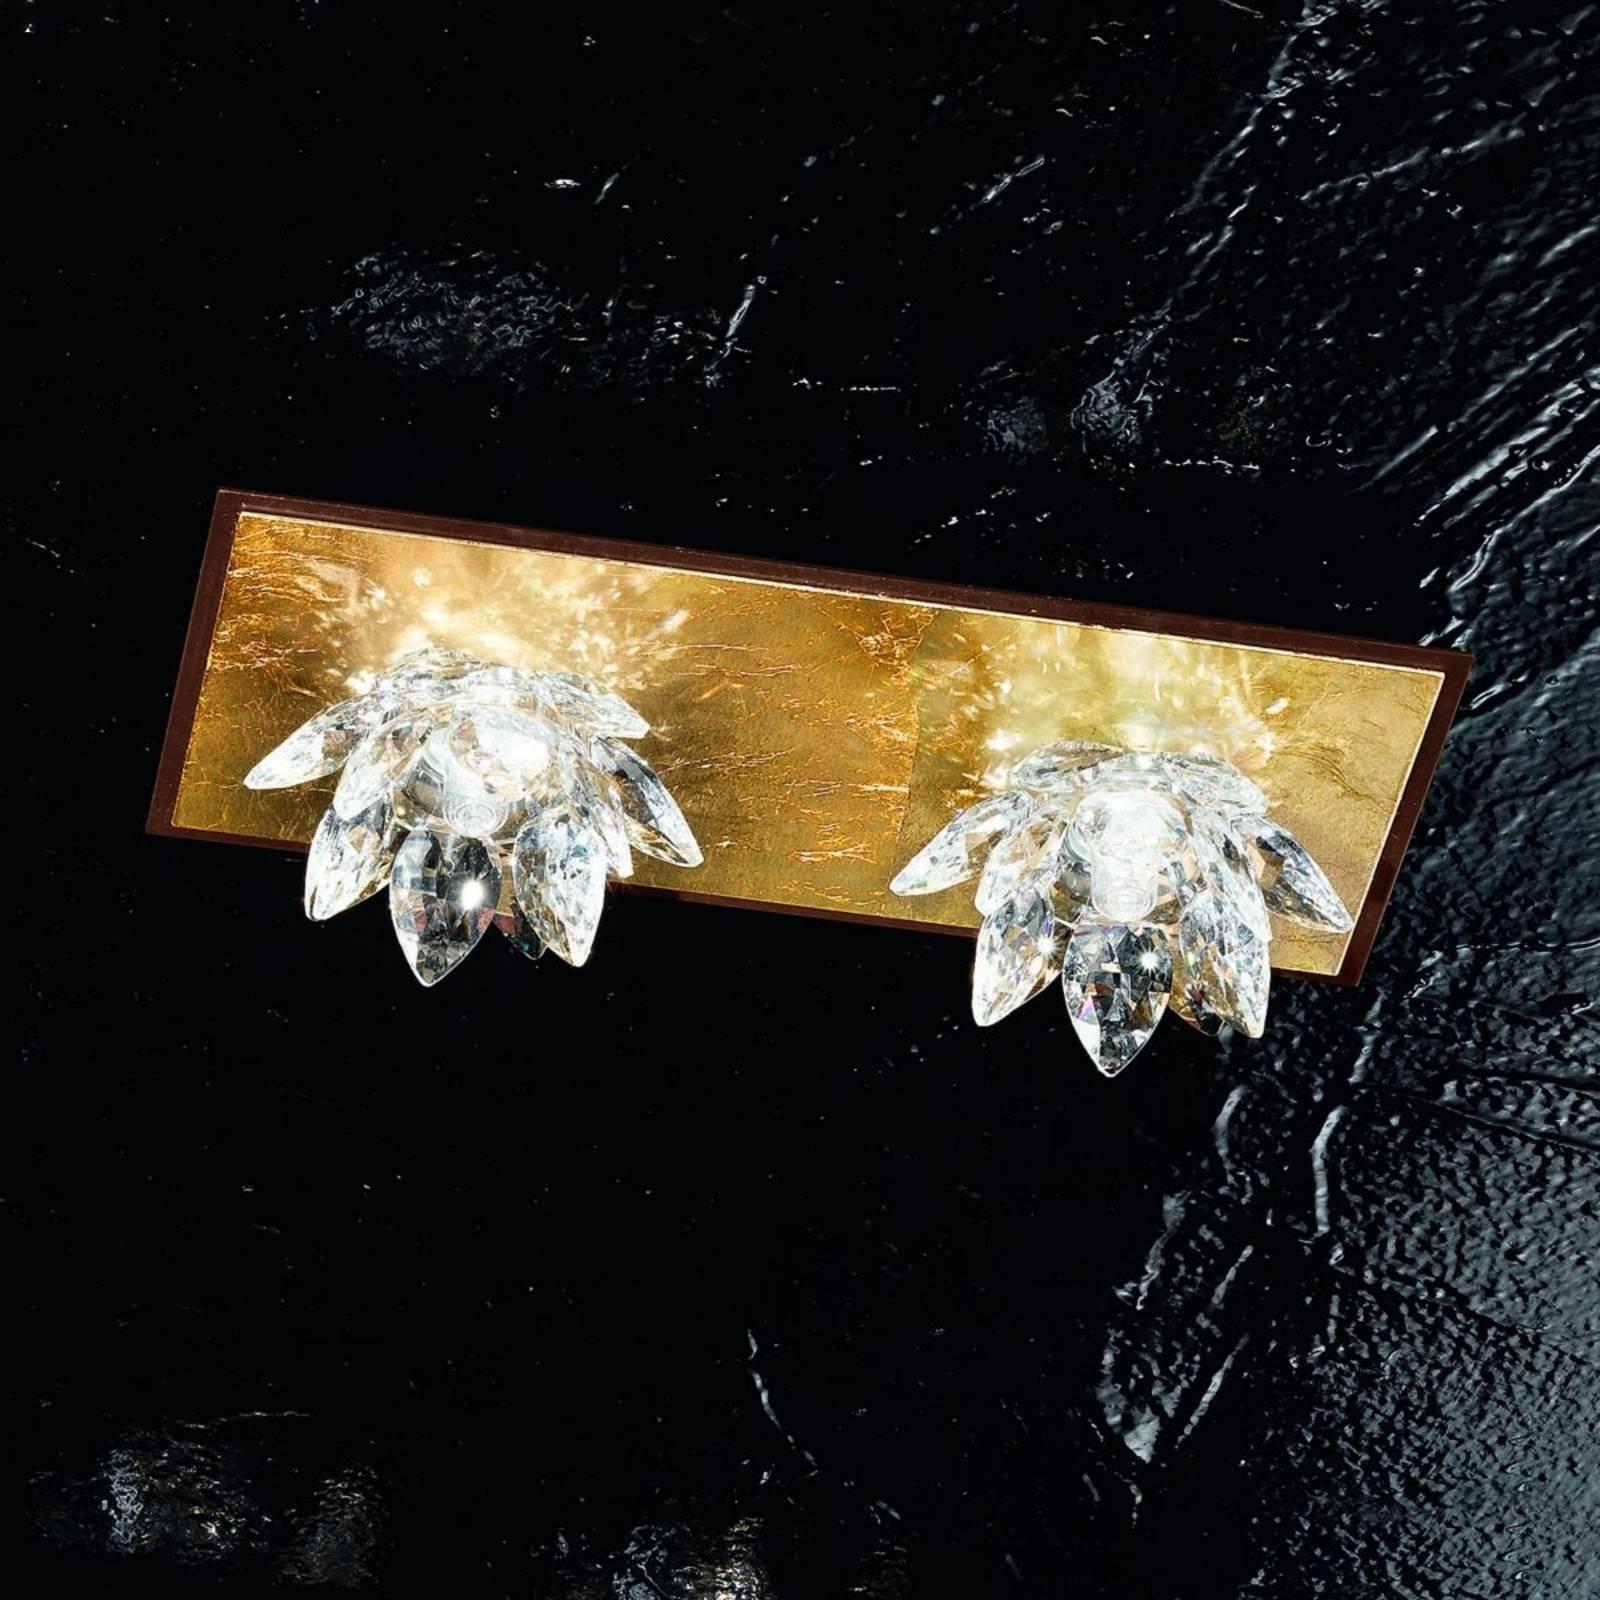 Fiore-taklampe gullblad og krystall 2-lk